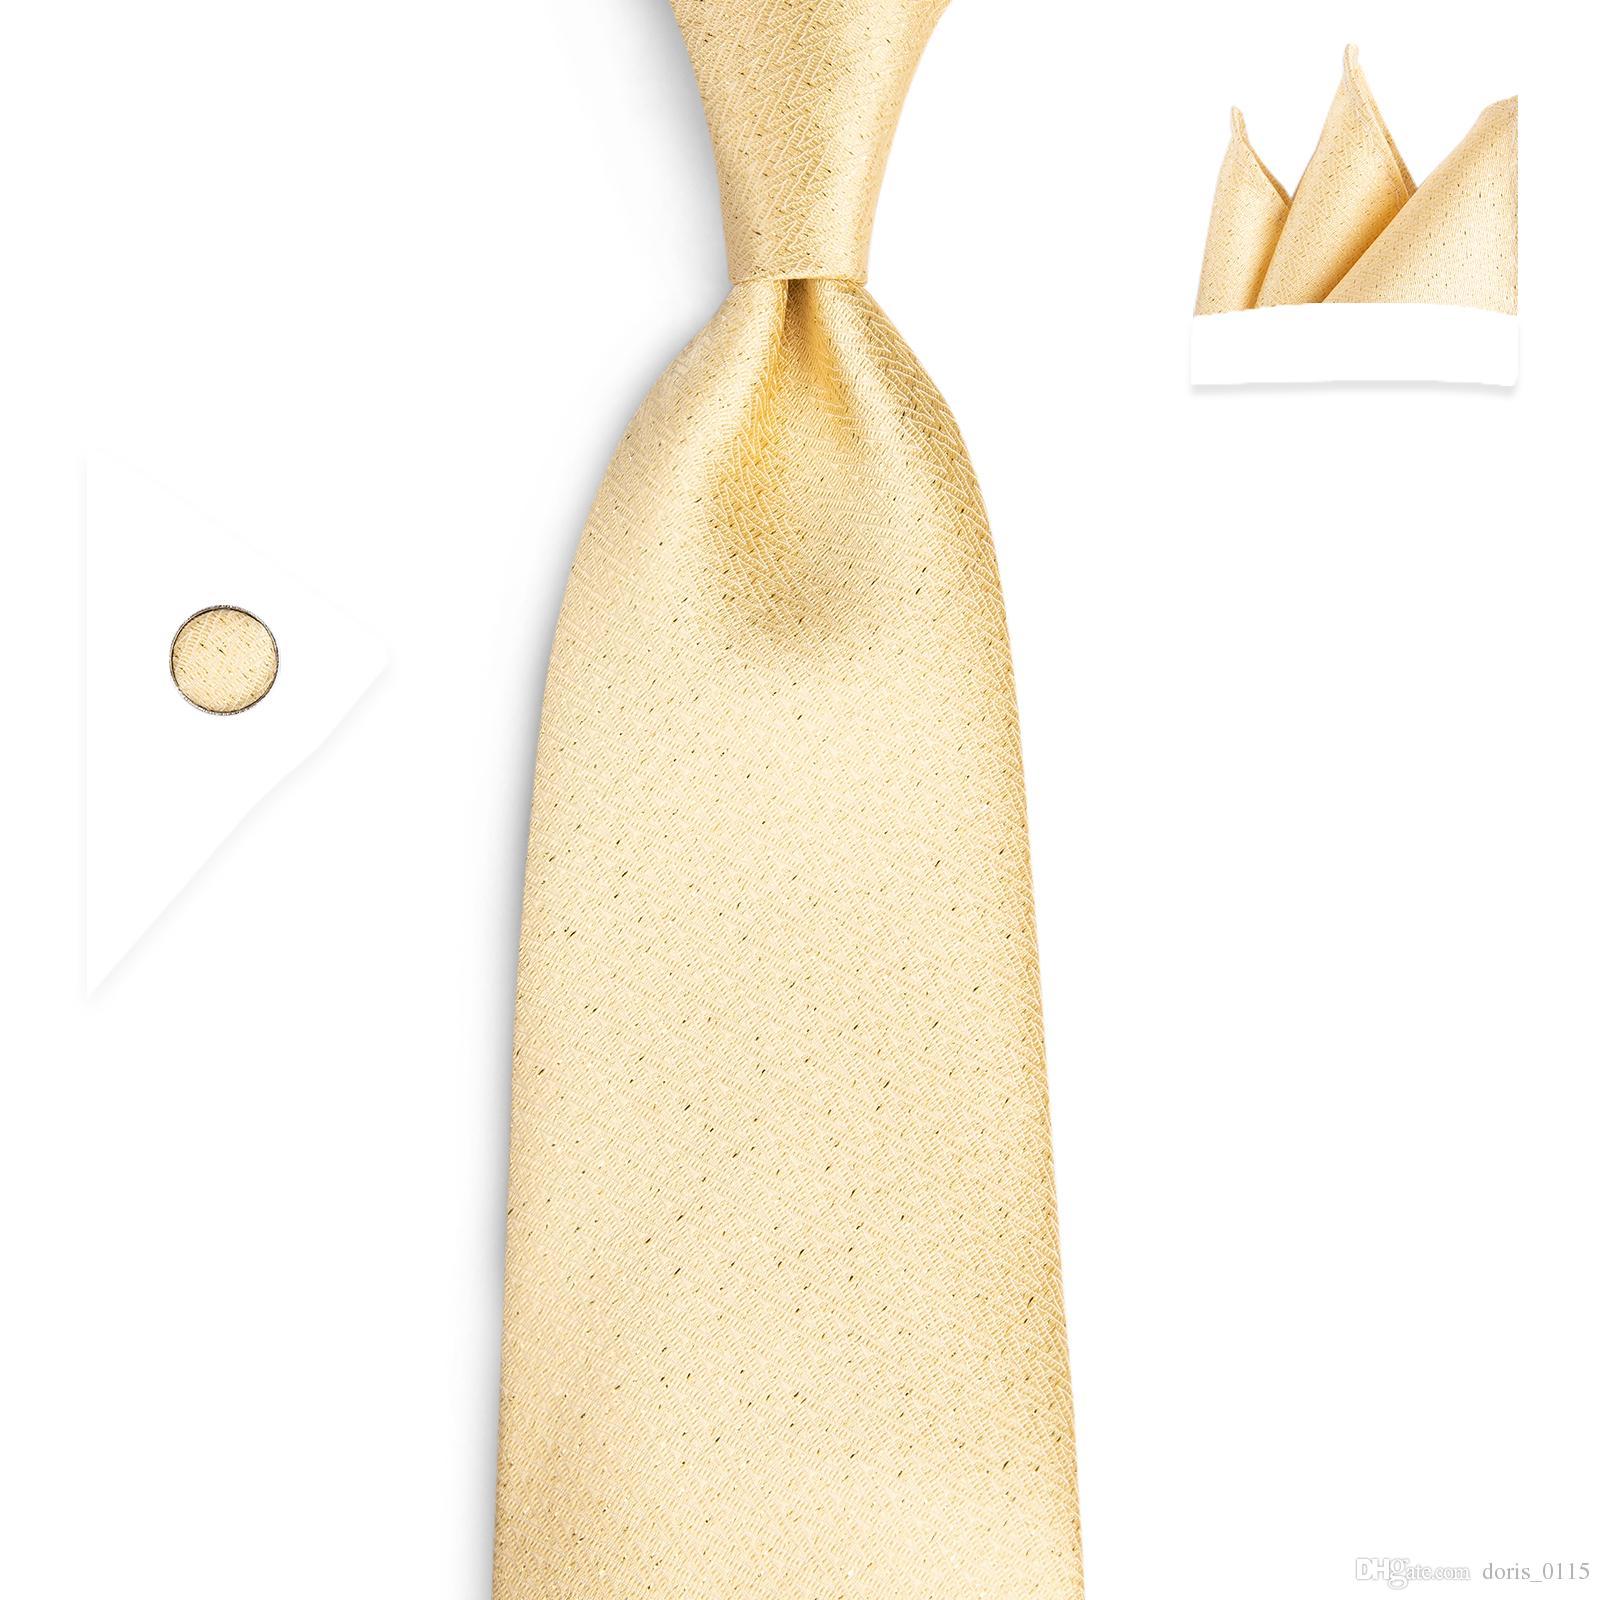 하이 넥타이 새로운 넥타이 골드 솔리드 넥타이 포켓 스퀘어 커프스 단추 100 % 실크 수제 고품질 150cm 넥타이 웨딩 크리스마스 넥타이 SN-7024